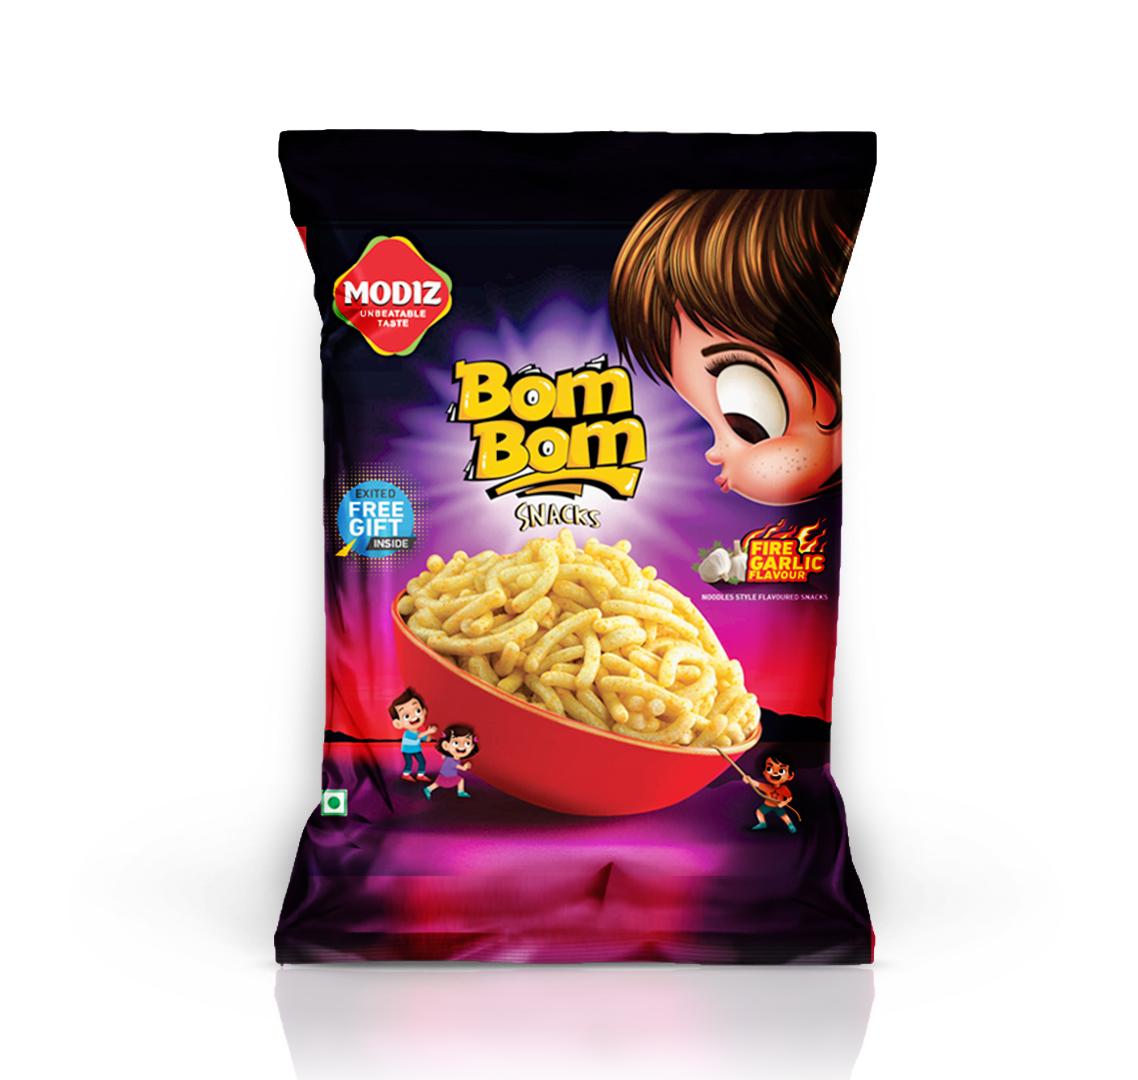 bom bom 3d with new logo